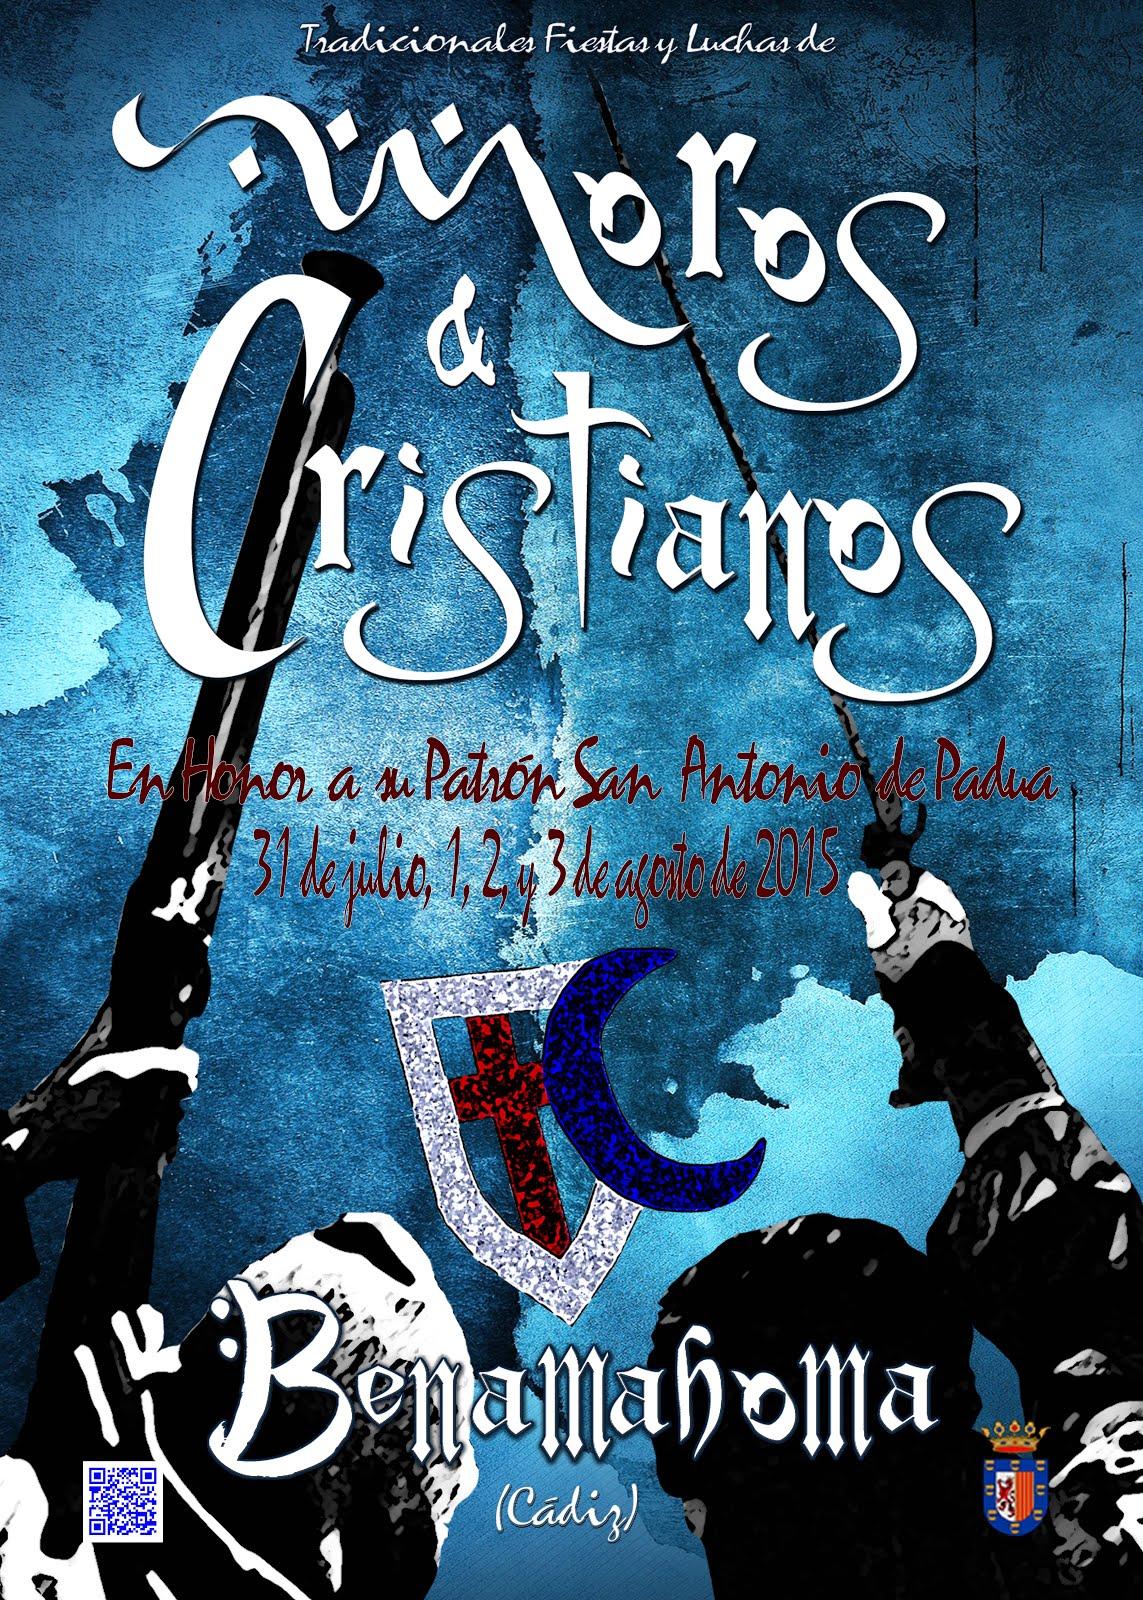 Fiestas de Moros y Cristianos 2015